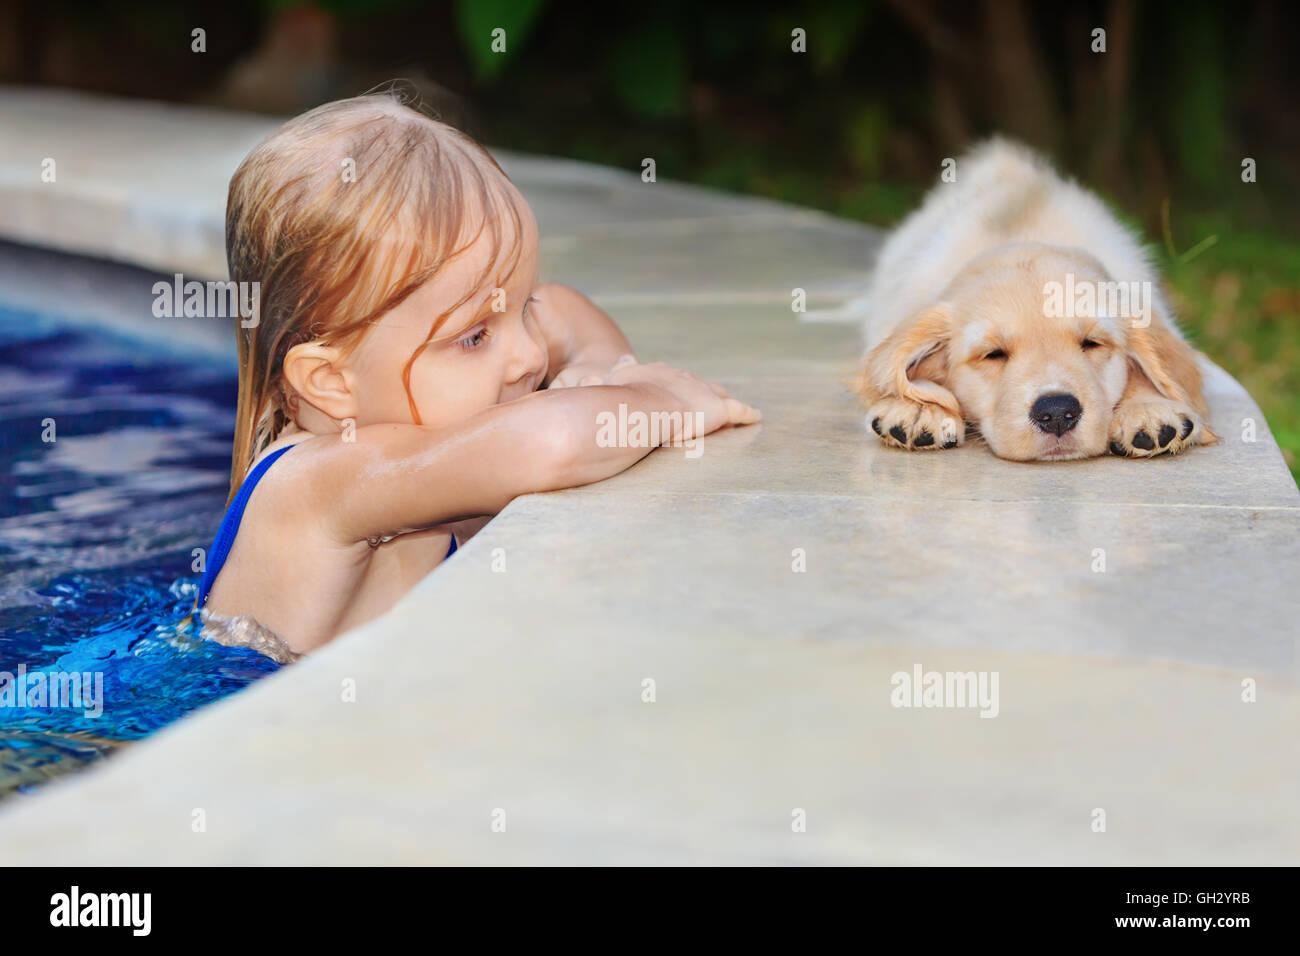 Funny photo de petit bébé natation en piscine extérieure regarder paresseux retriever puppy. L'eau Photo Stock